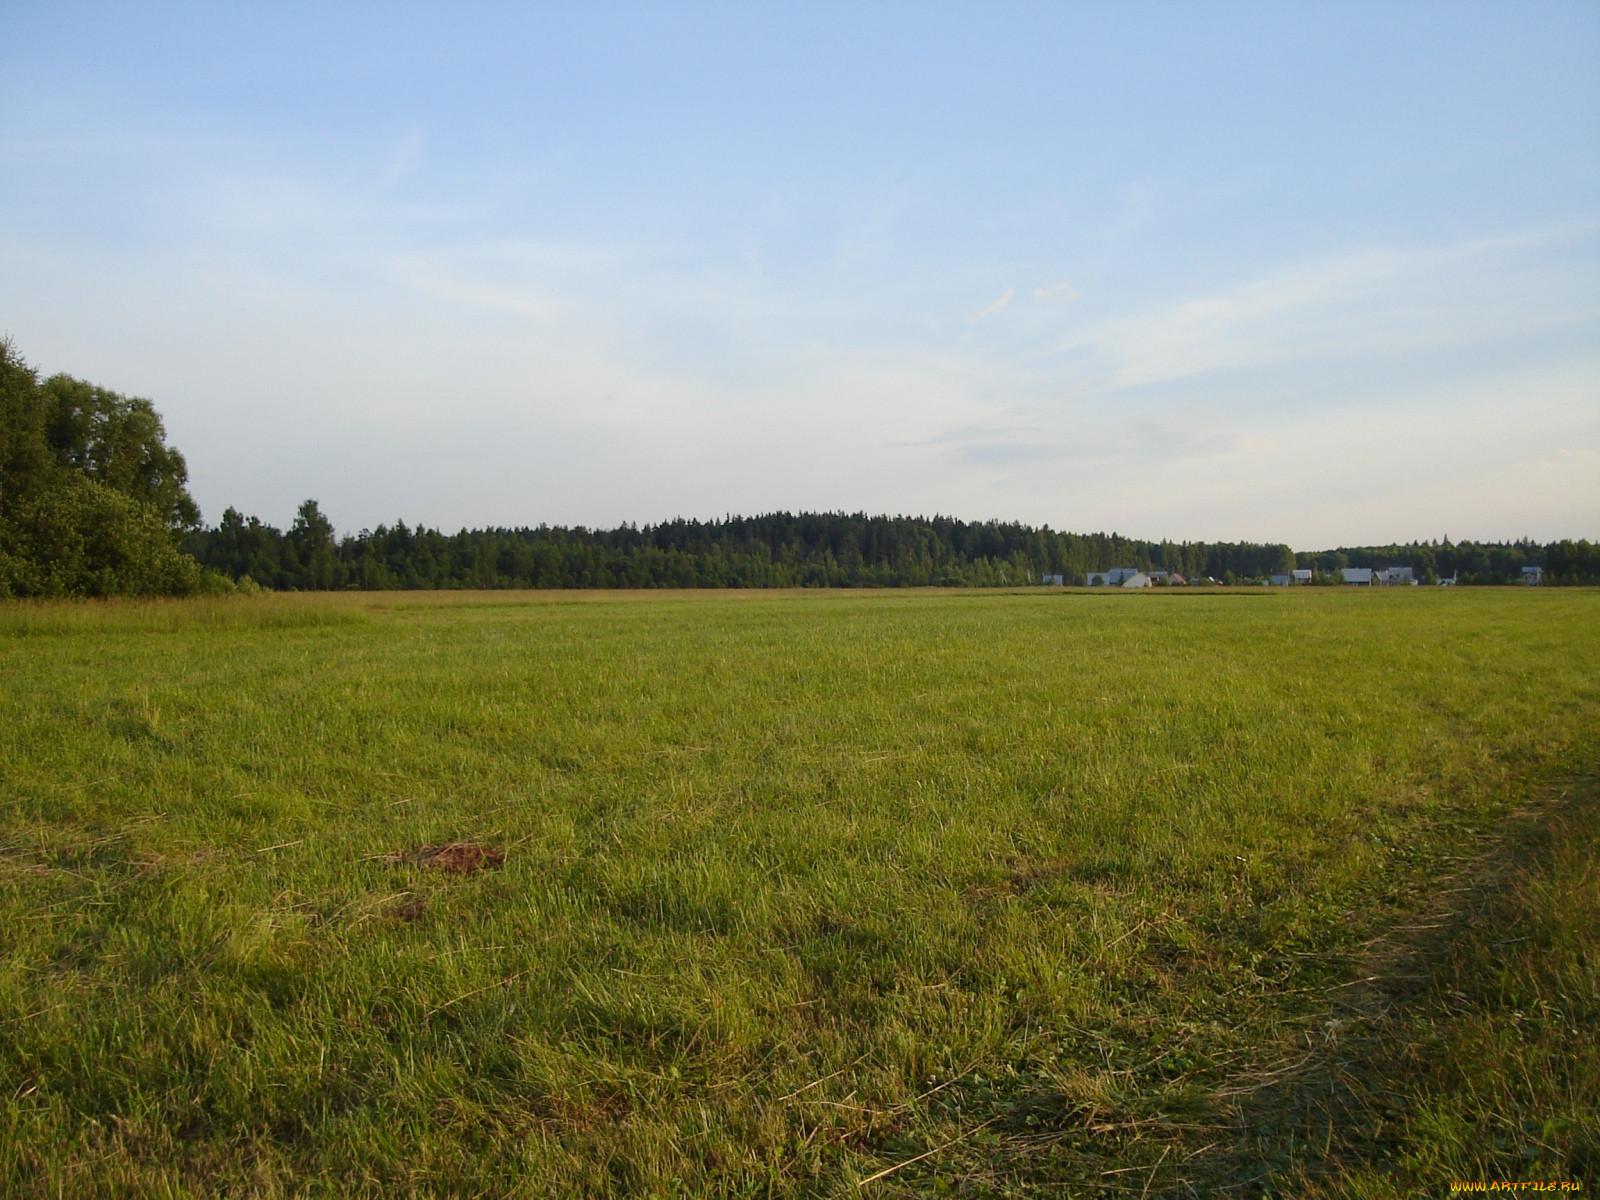 Видели общая совместная собственность членов крестьянского фермерского хозяйства лилового